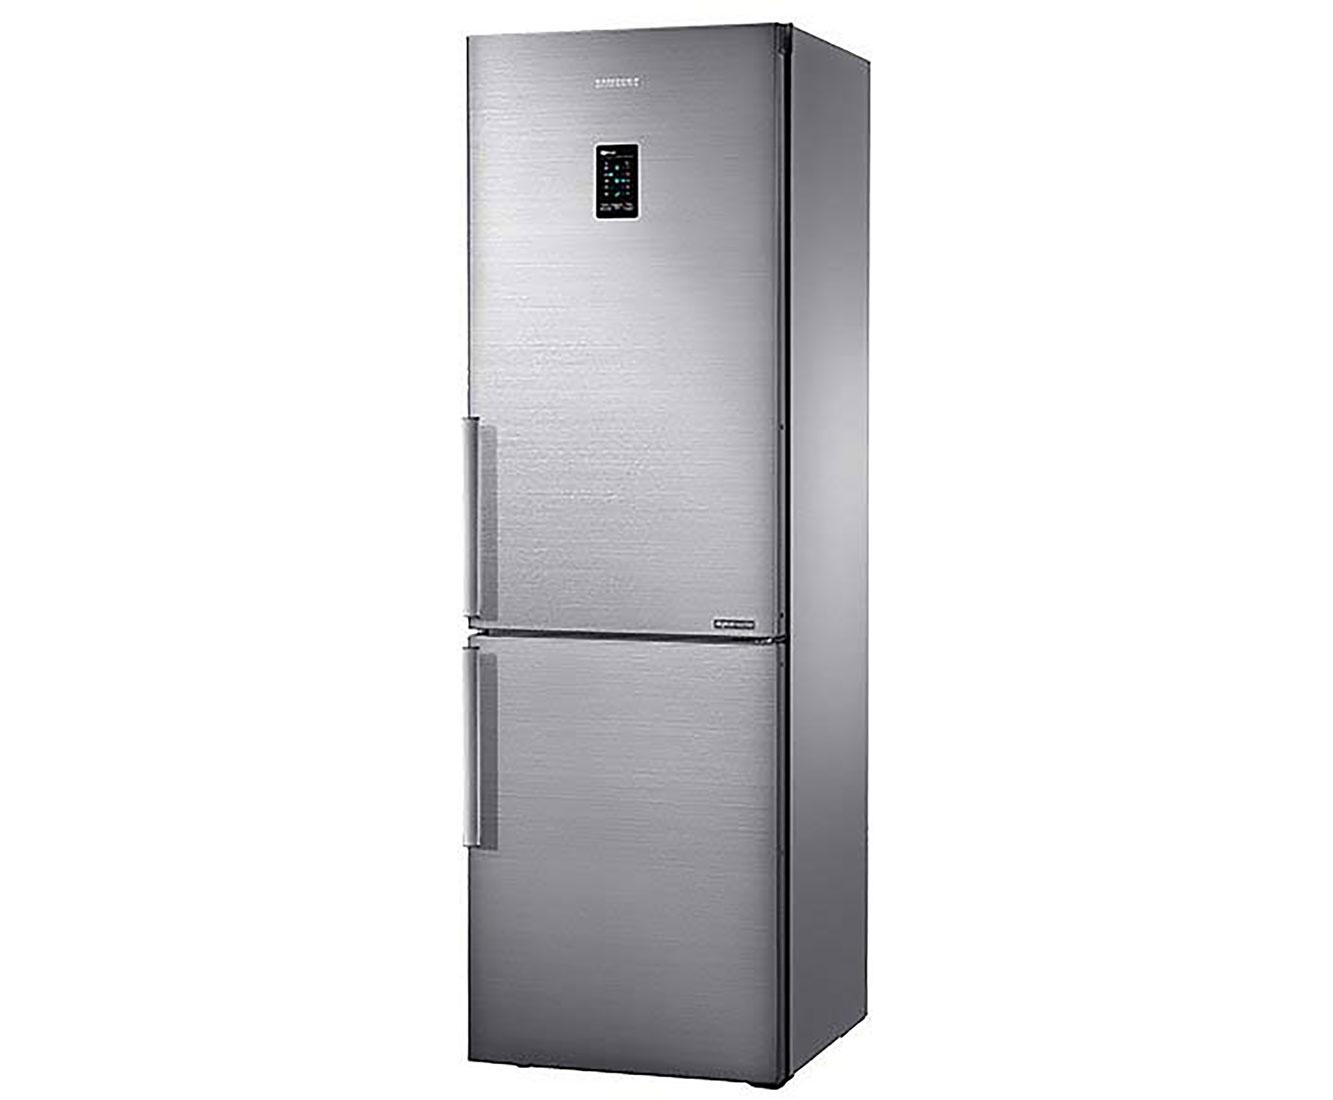 Kühlschrank Gefrierkombination Aldi : Ao samsung rb fejnbss kühl gefrierkombination a für